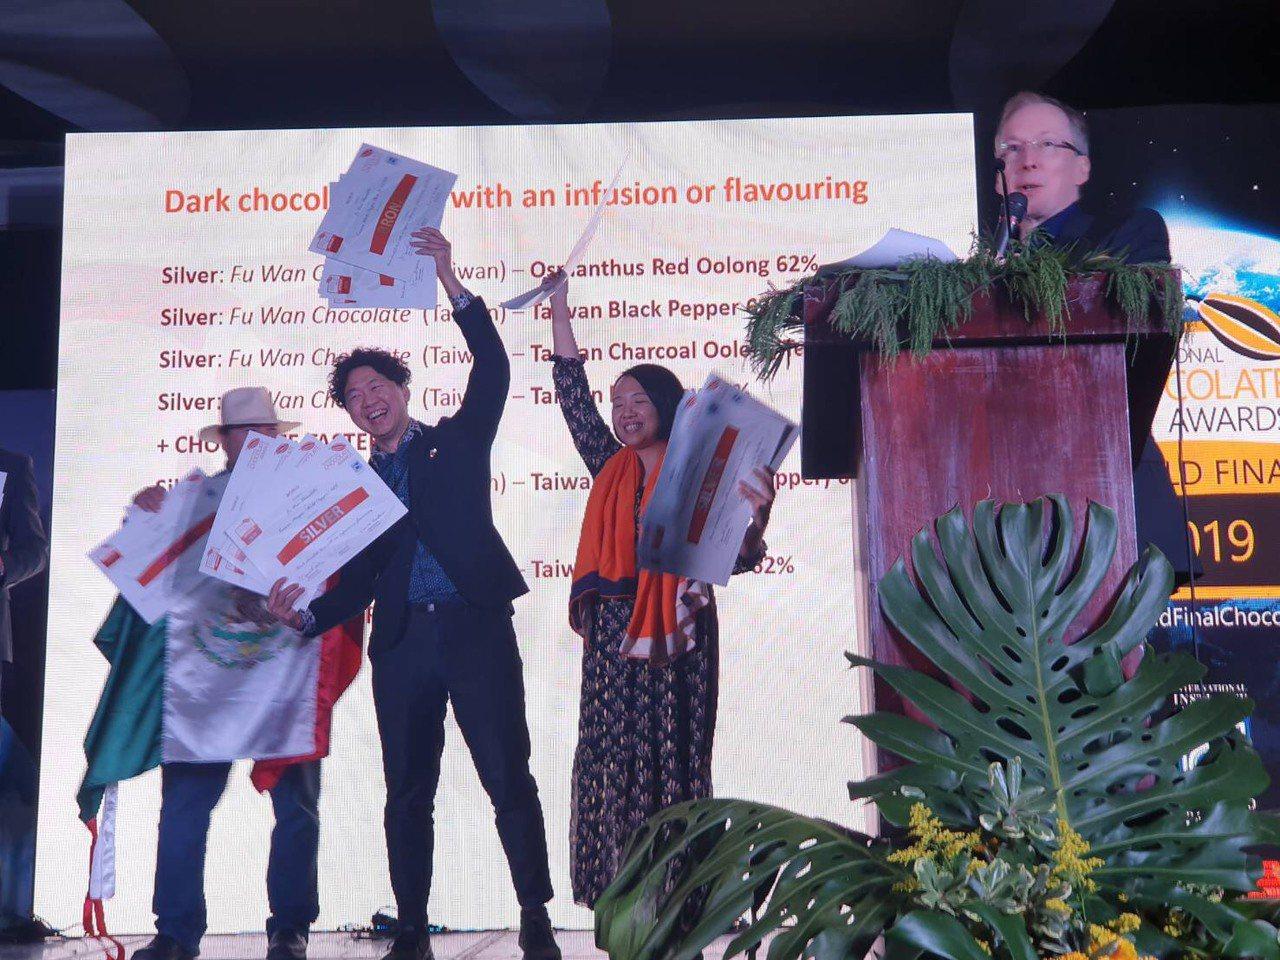 福灣巧克力於「世界巧克力大賽」一舉拿下18項大獎。圖/福灣巧克力提供